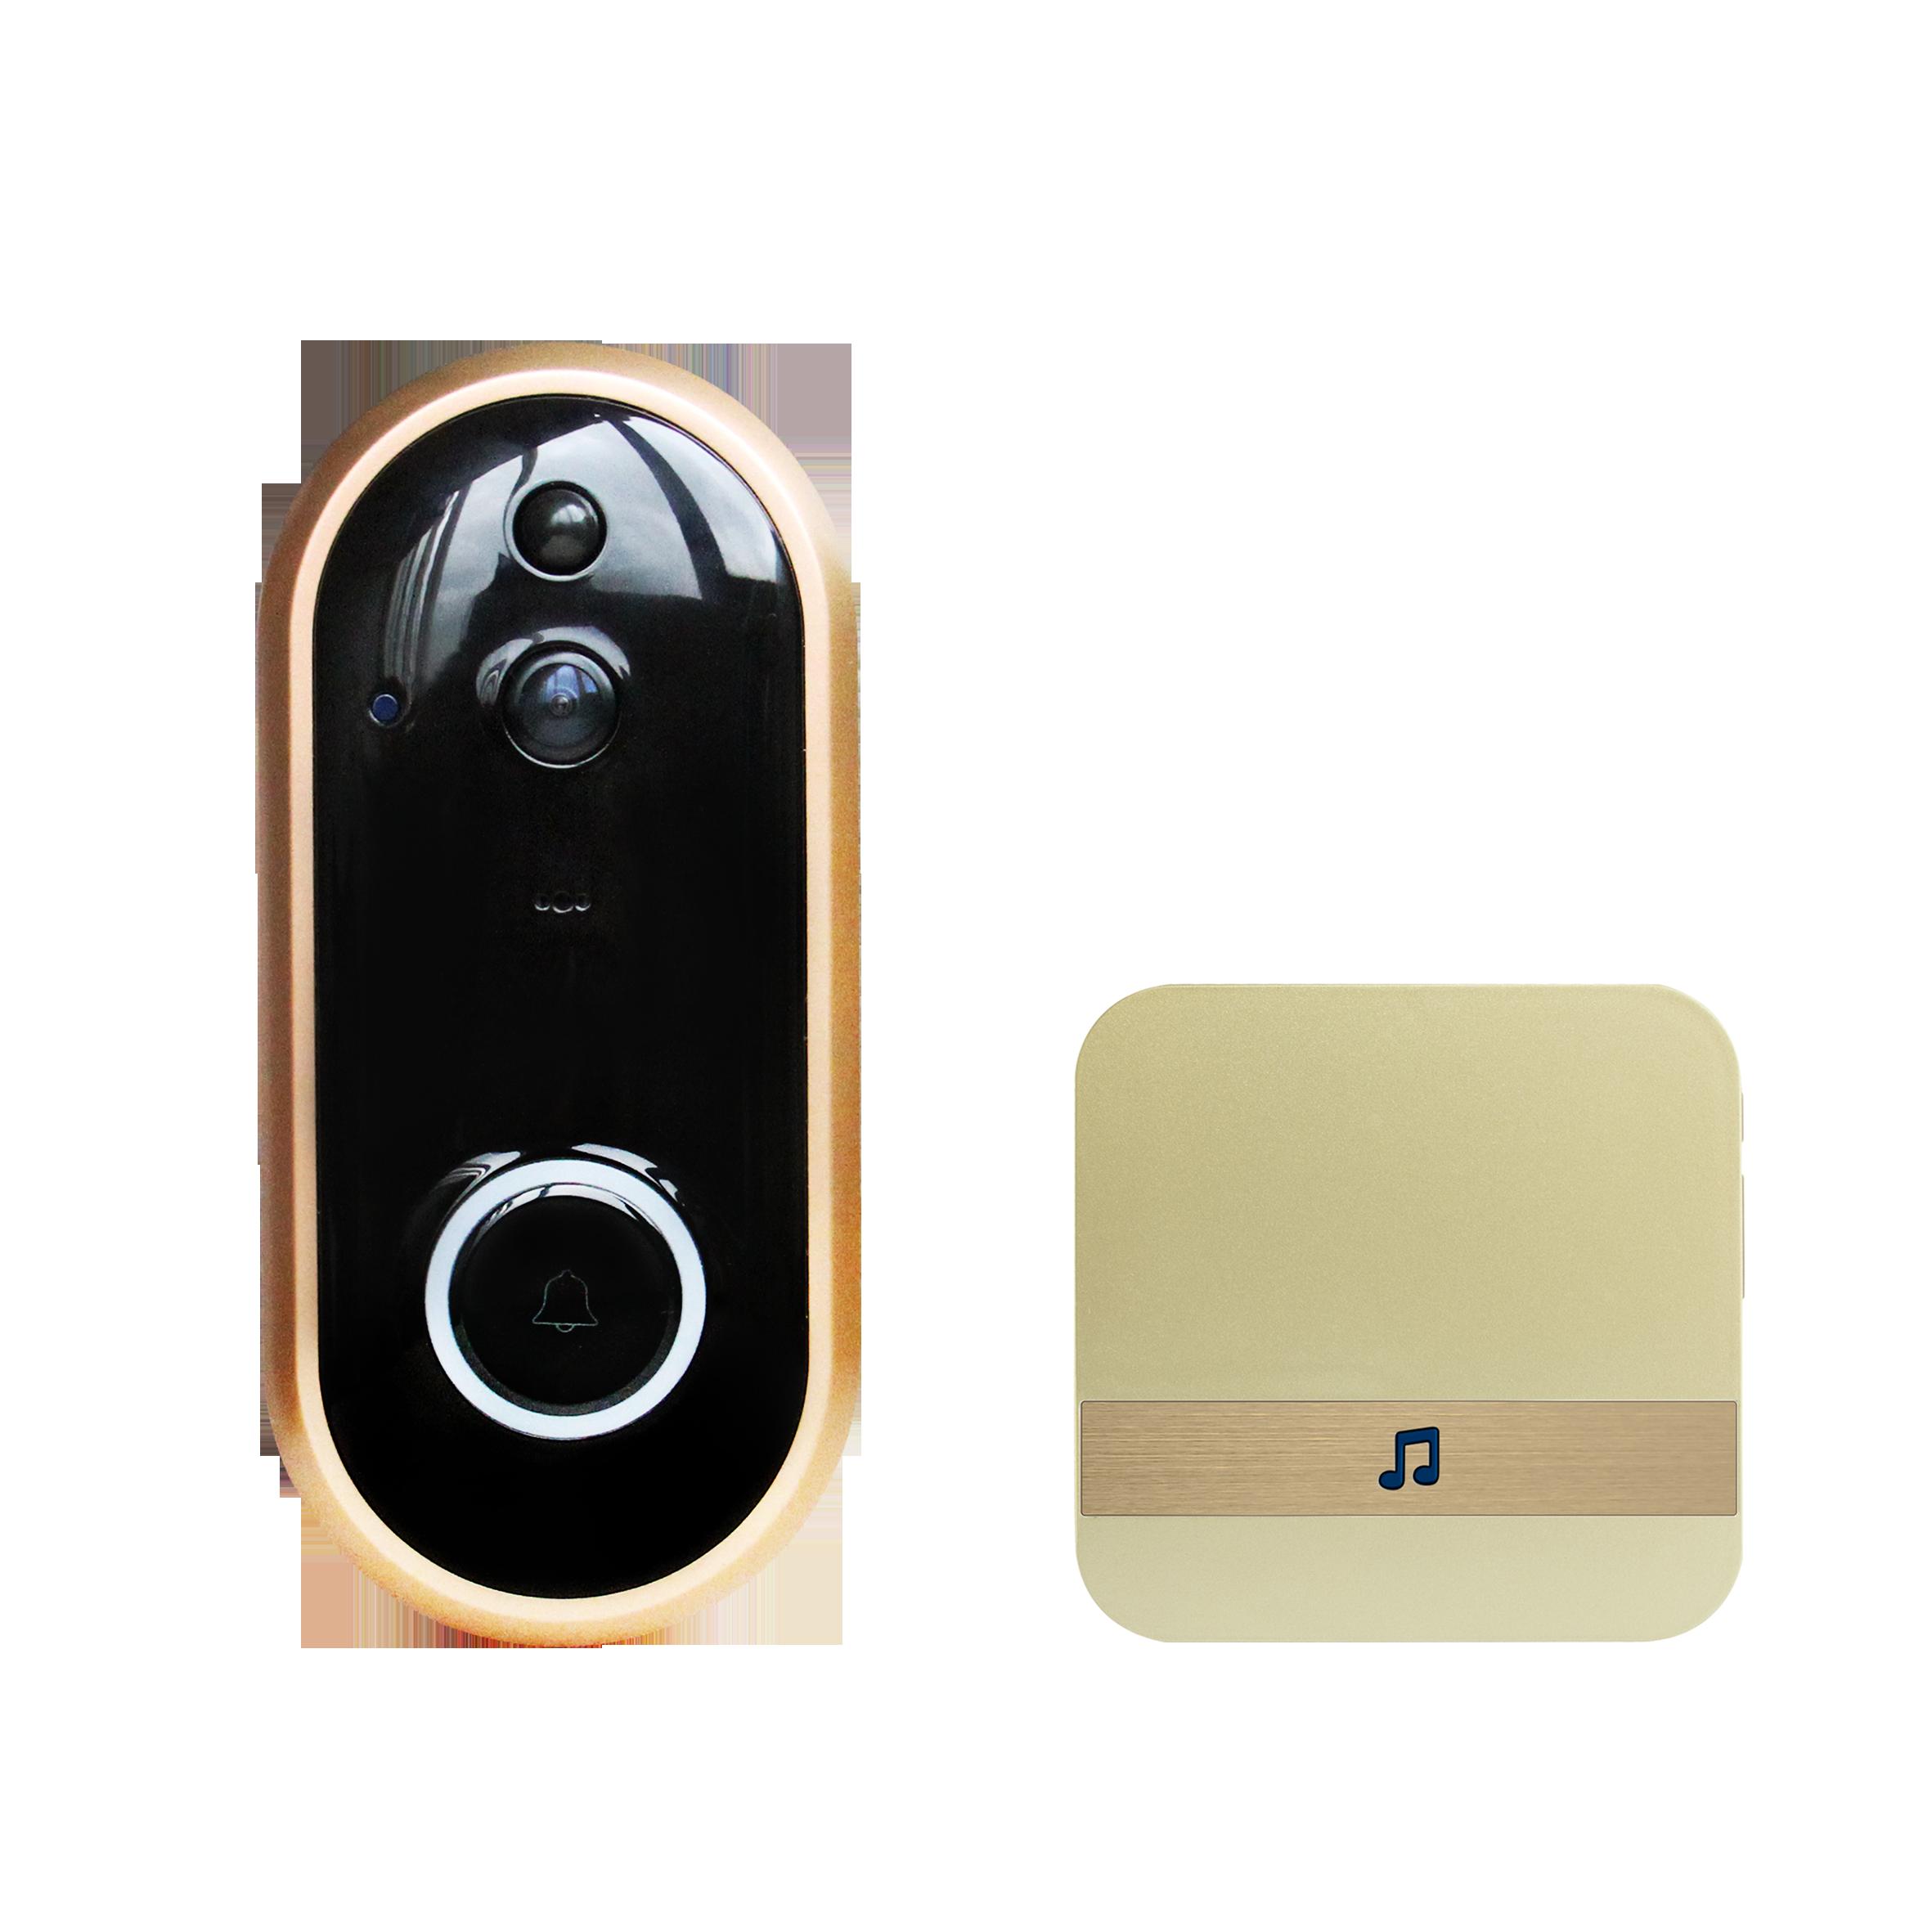 Akıllı PIR Alarm Kapı Zili satın al,Akıllı PIR Alarm Kapı Zili Fiyatlar,Akıllı PIR Alarm Kapı Zili Markalar,Akıllı PIR Alarm Kapı Zili Üretici,Akıllı PIR Alarm Kapı Zili Alıntılar,Akıllı PIR Alarm Kapı Zili Şirket,